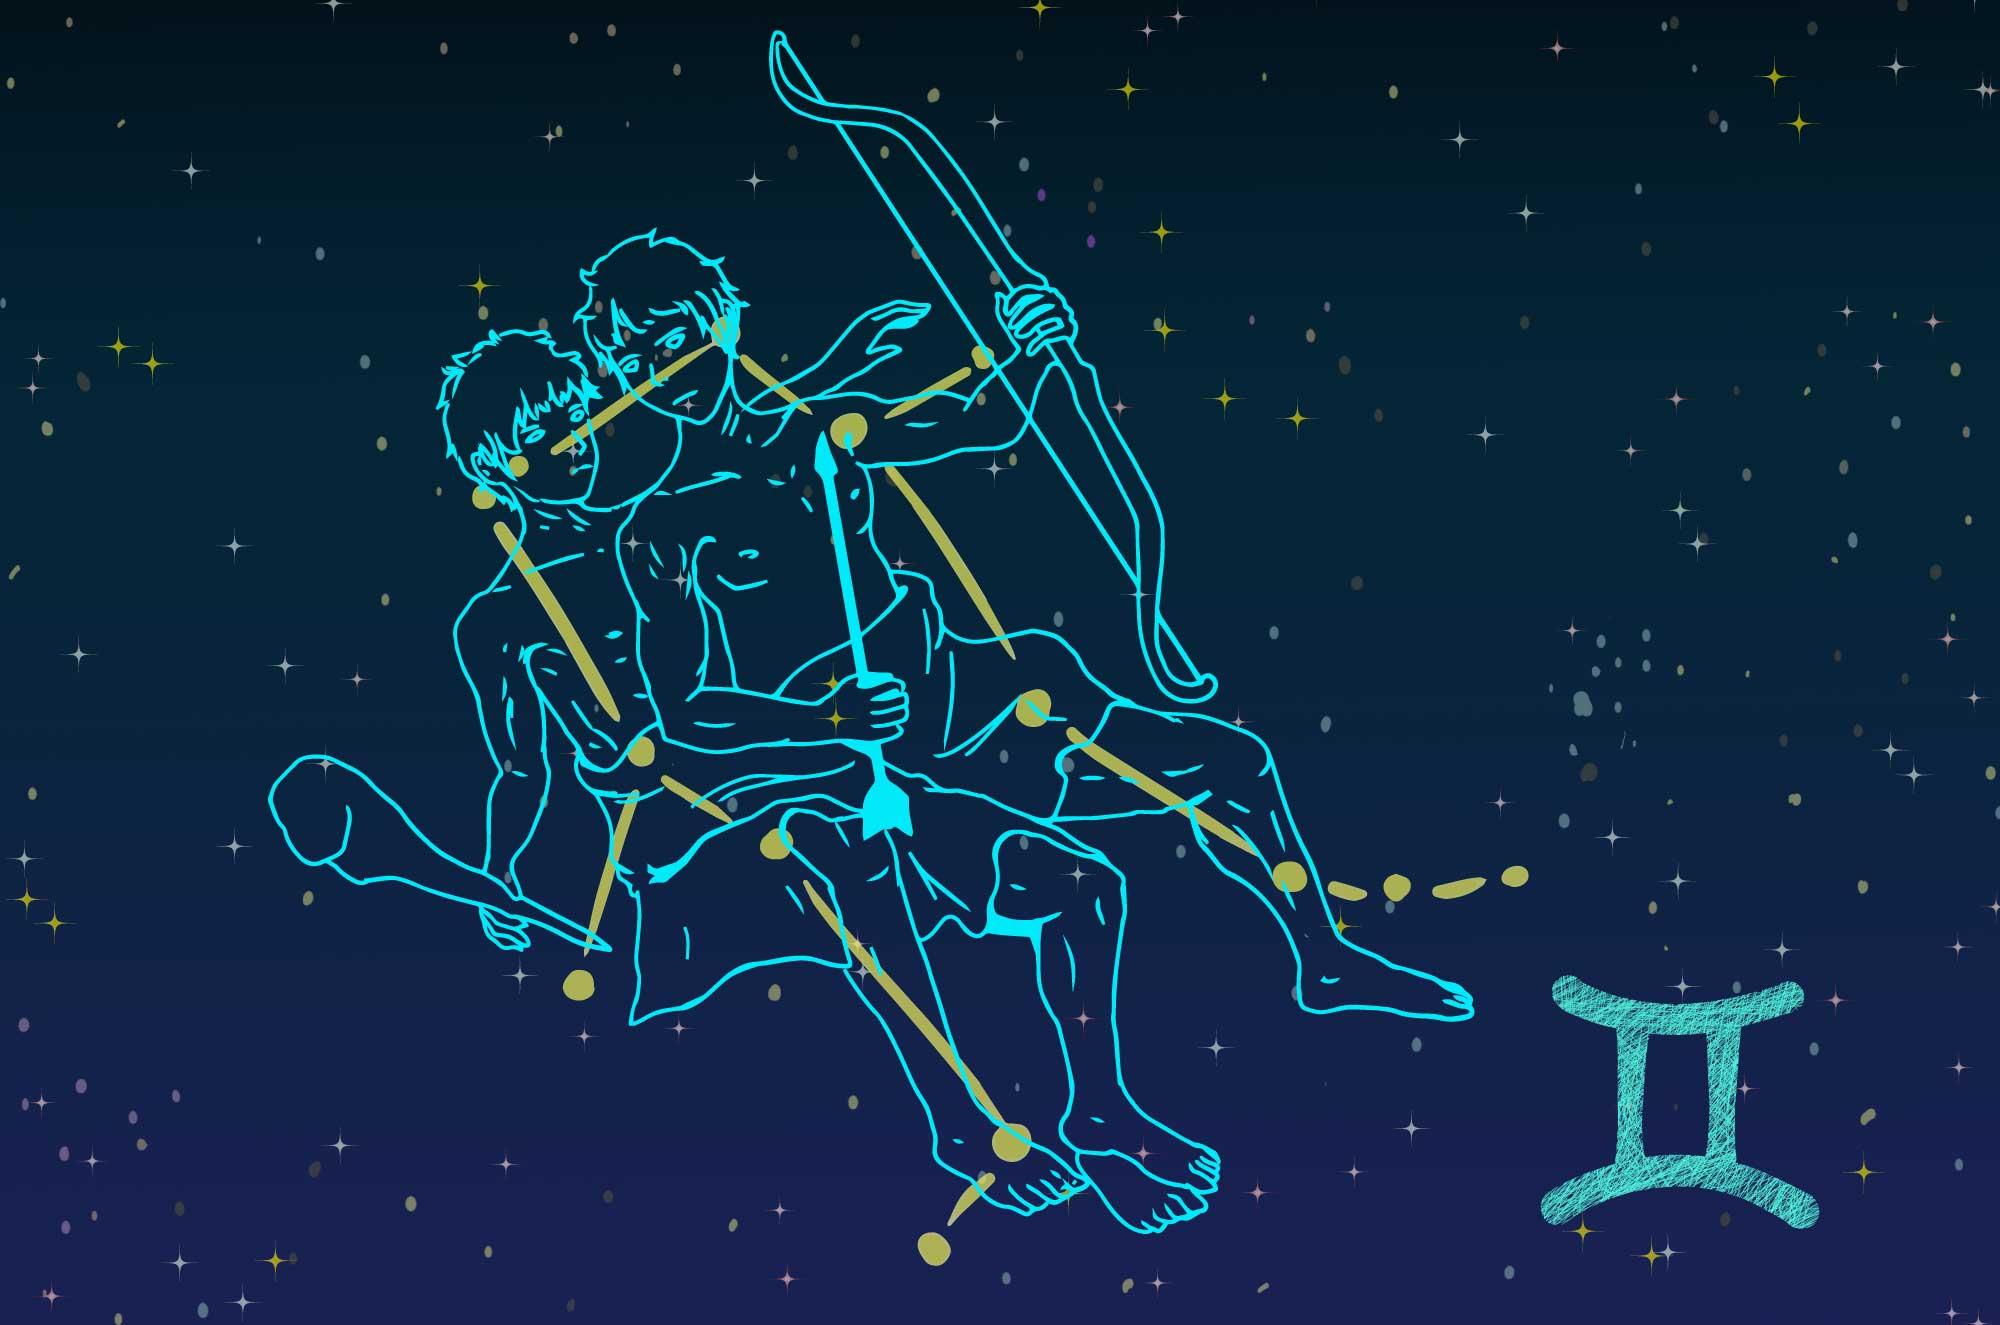 双子座のイラスト - ジェミニ夜空の星の無料素材